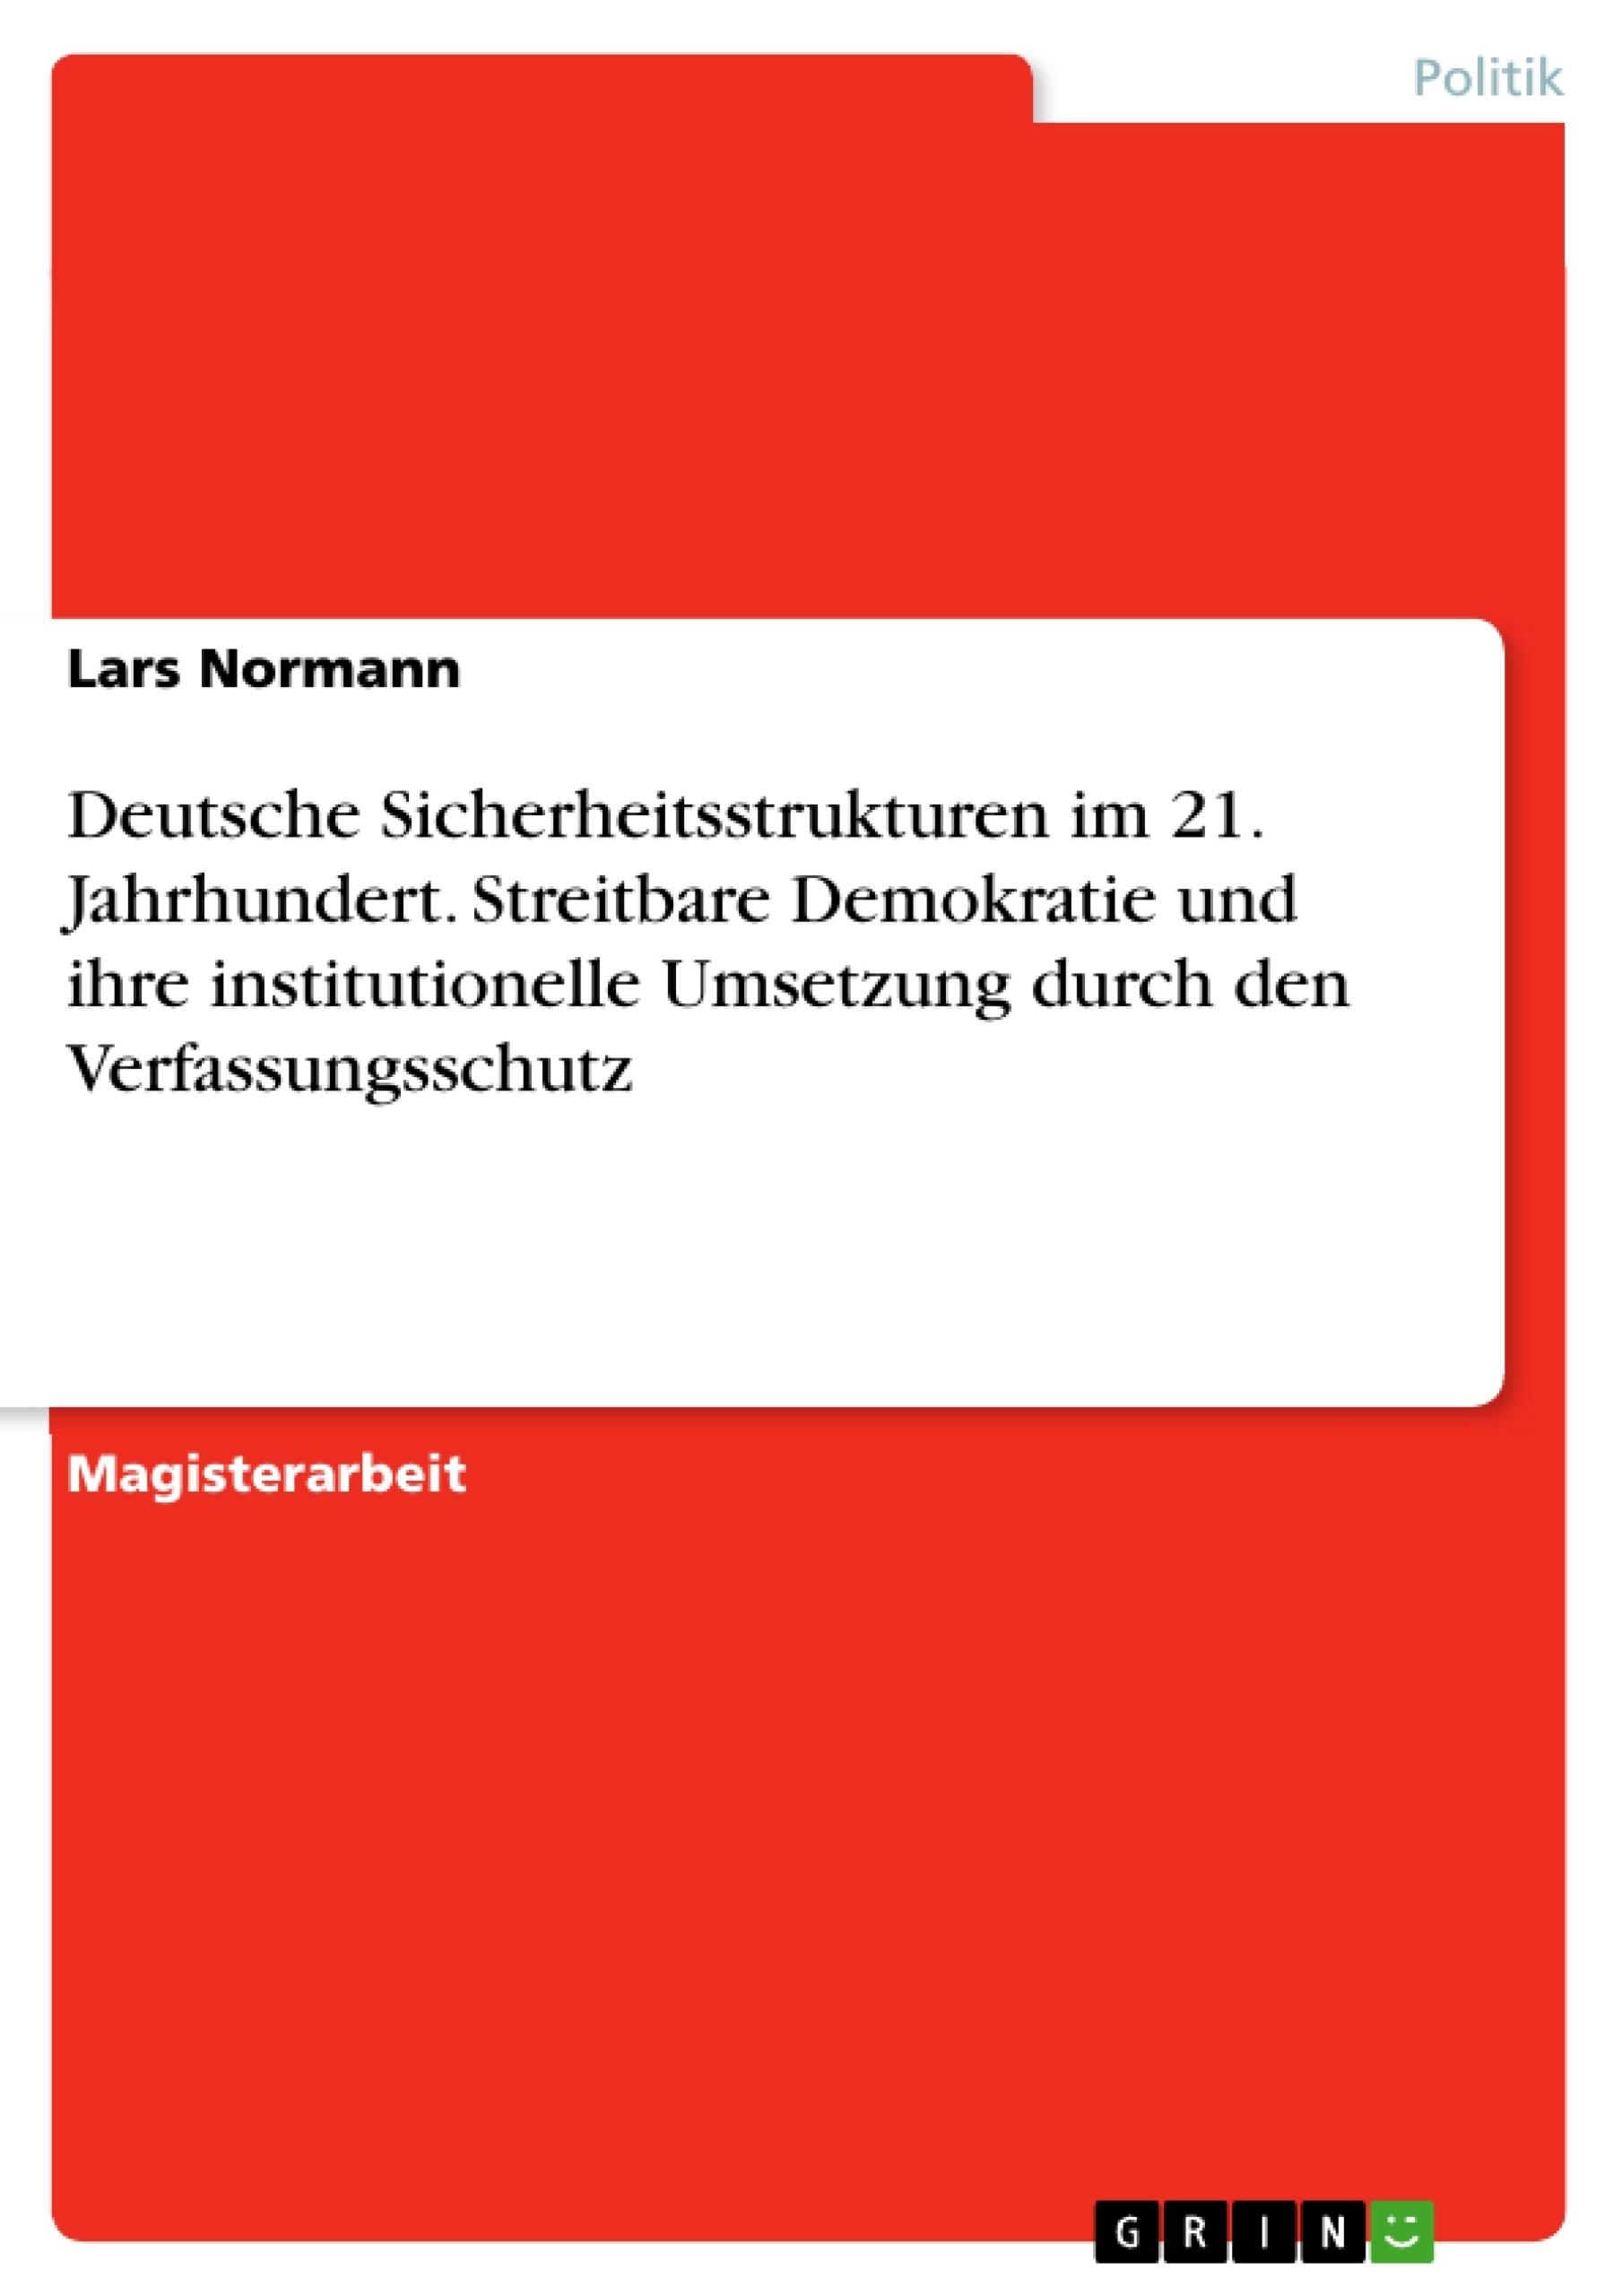 Titel: Deutsche Sicherheitsstrukturen im 21. Jahrhundert. Streitbare Demokratie und ihre institutionelle Umsetzung durch den Verfassungsschutz